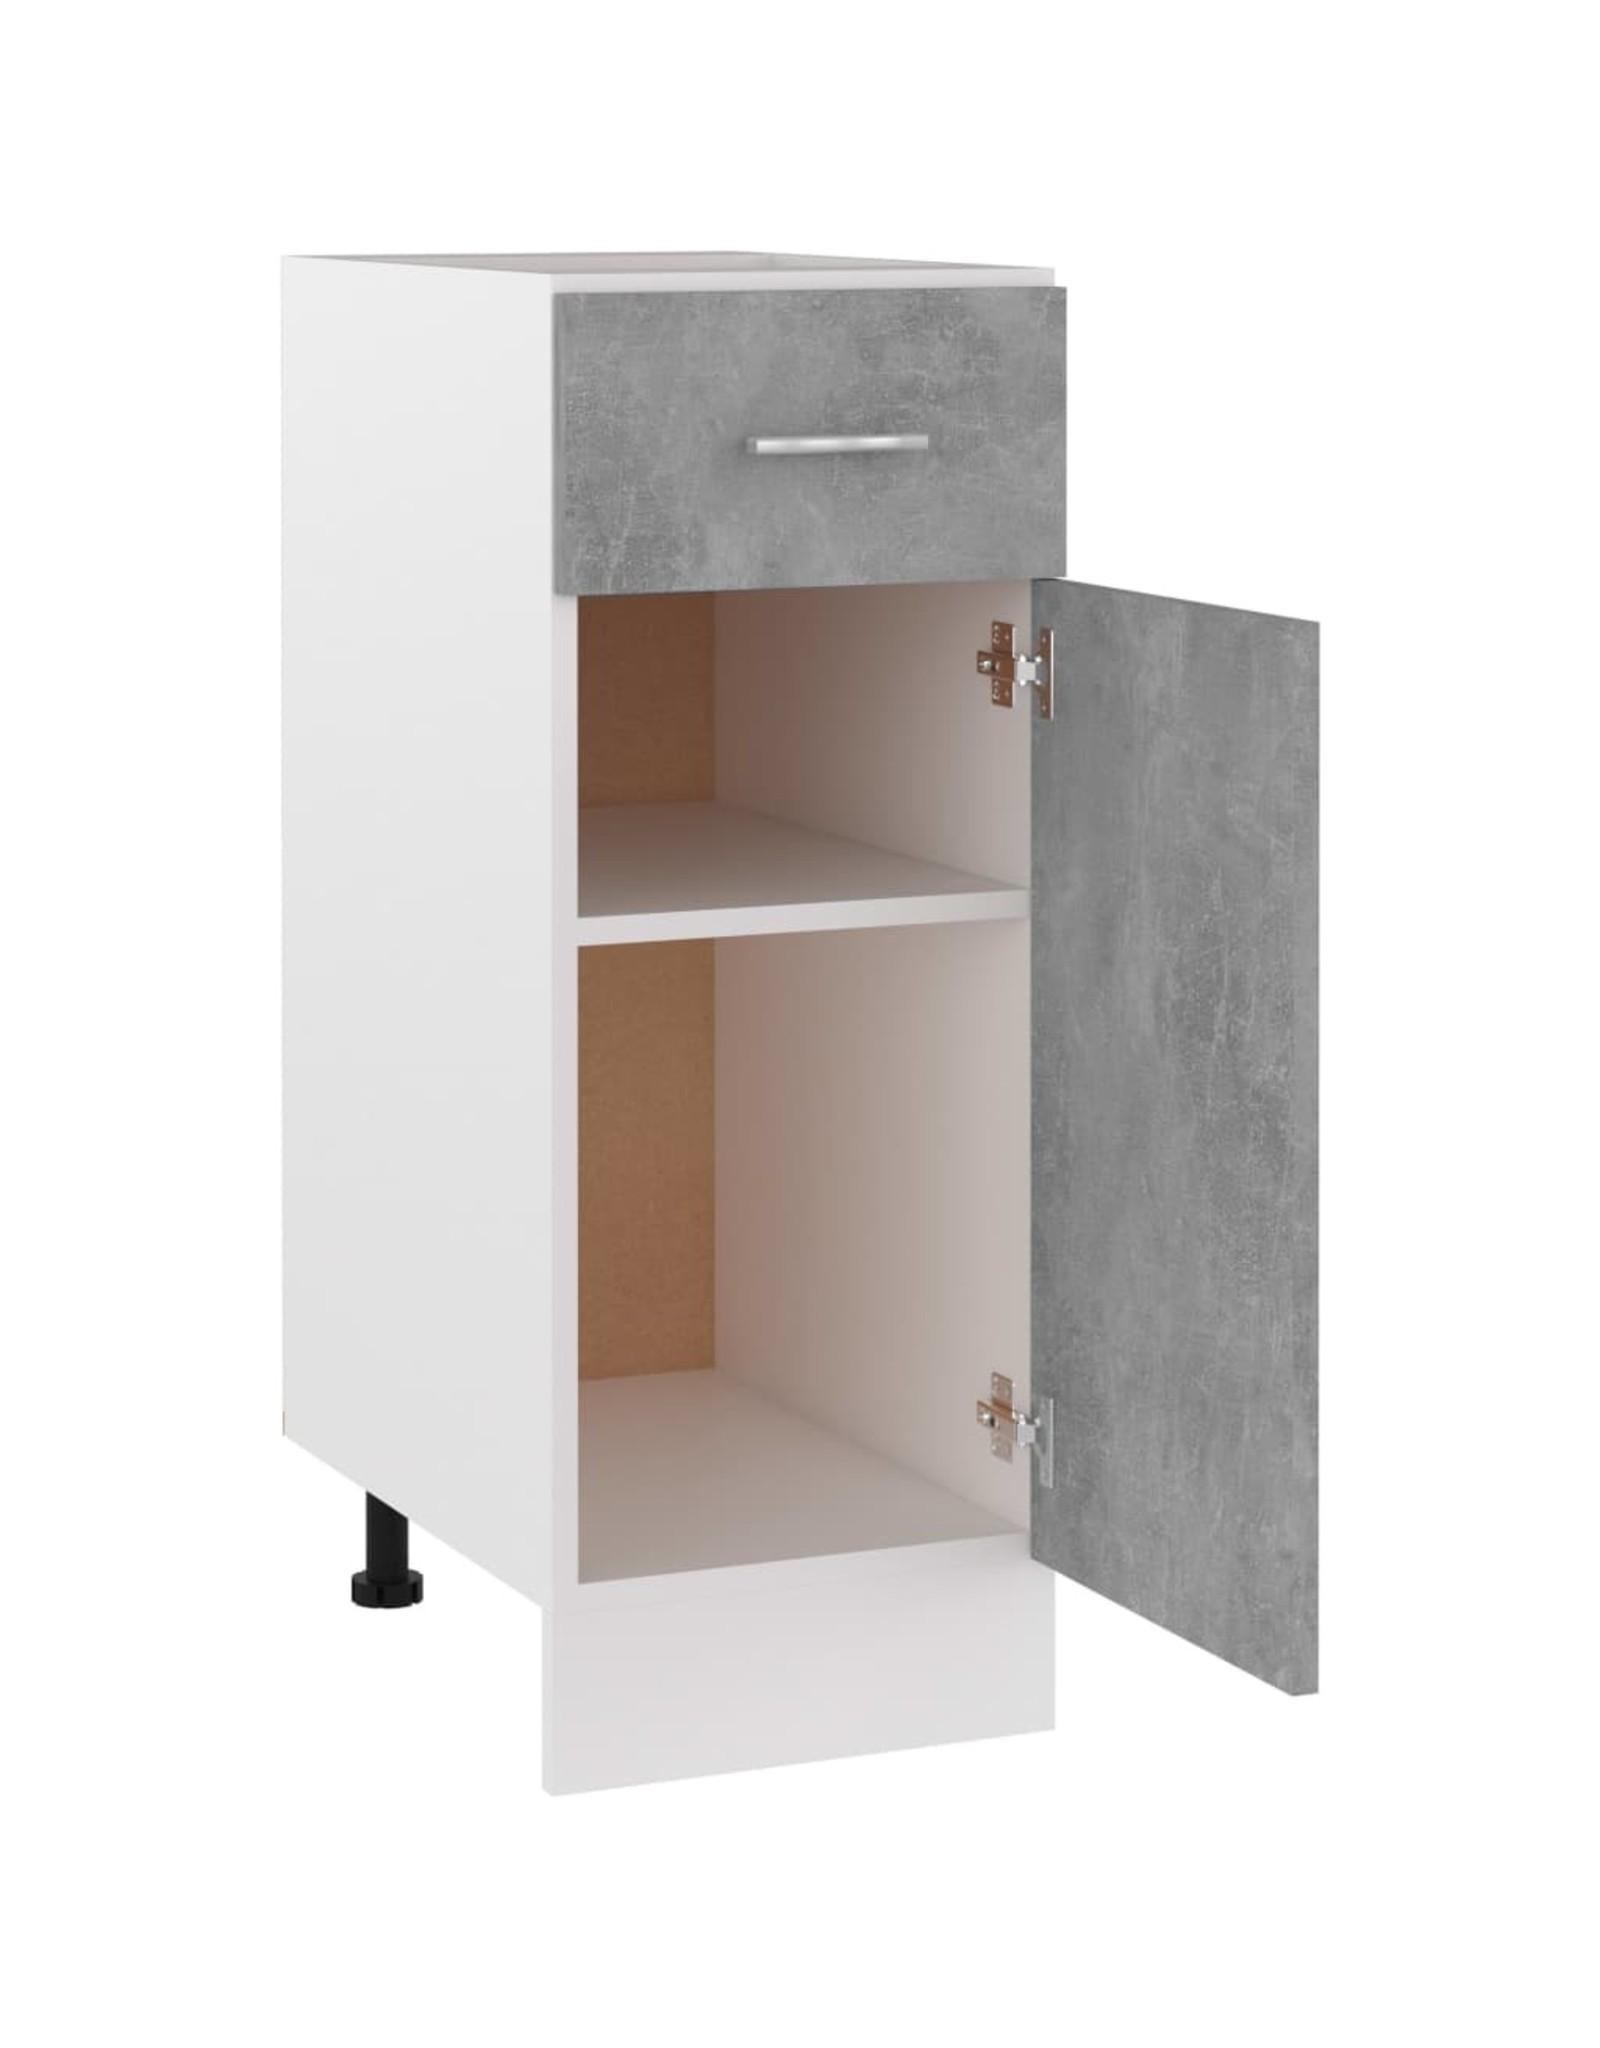 Onderkast met lade 30x46x81,5 cm spaanplaat betongrijs